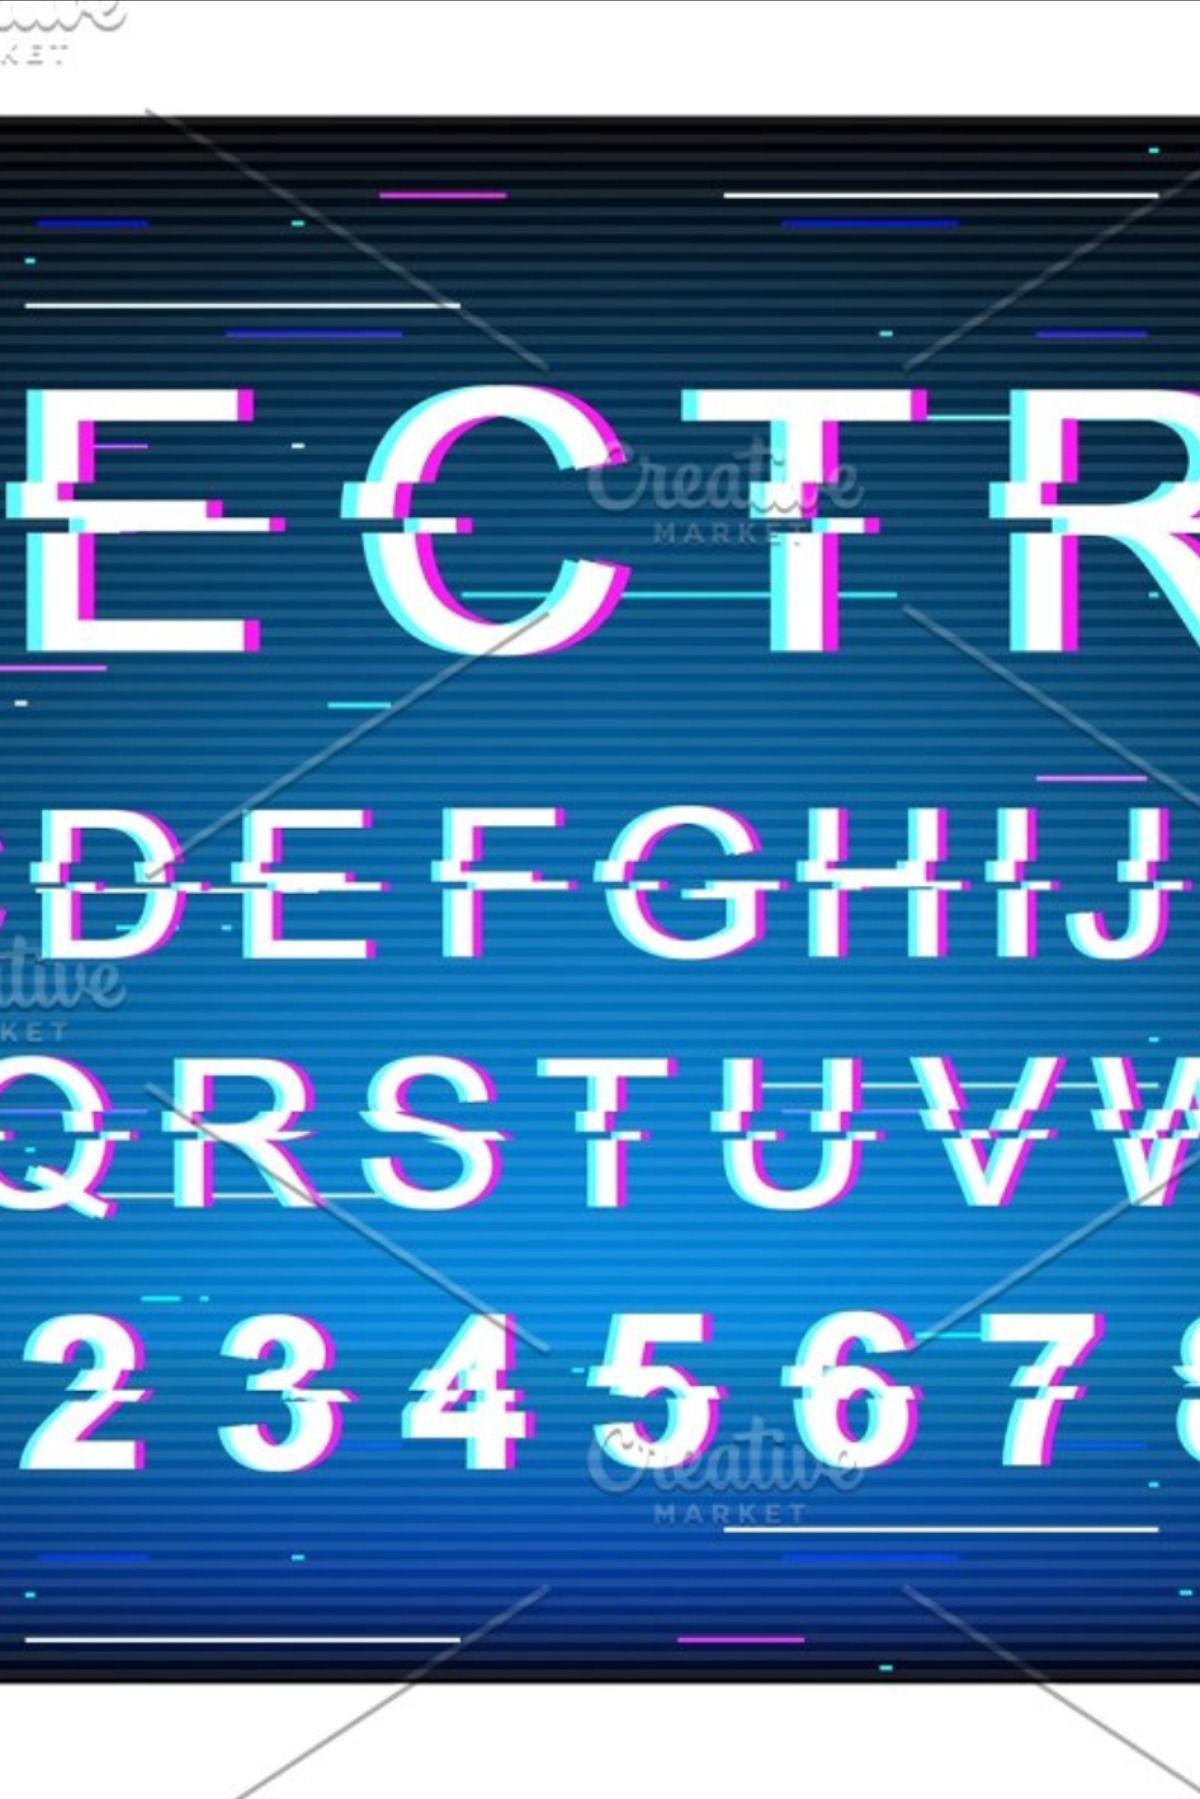 Electric glitch font template in 2020 Glitch font, Retro